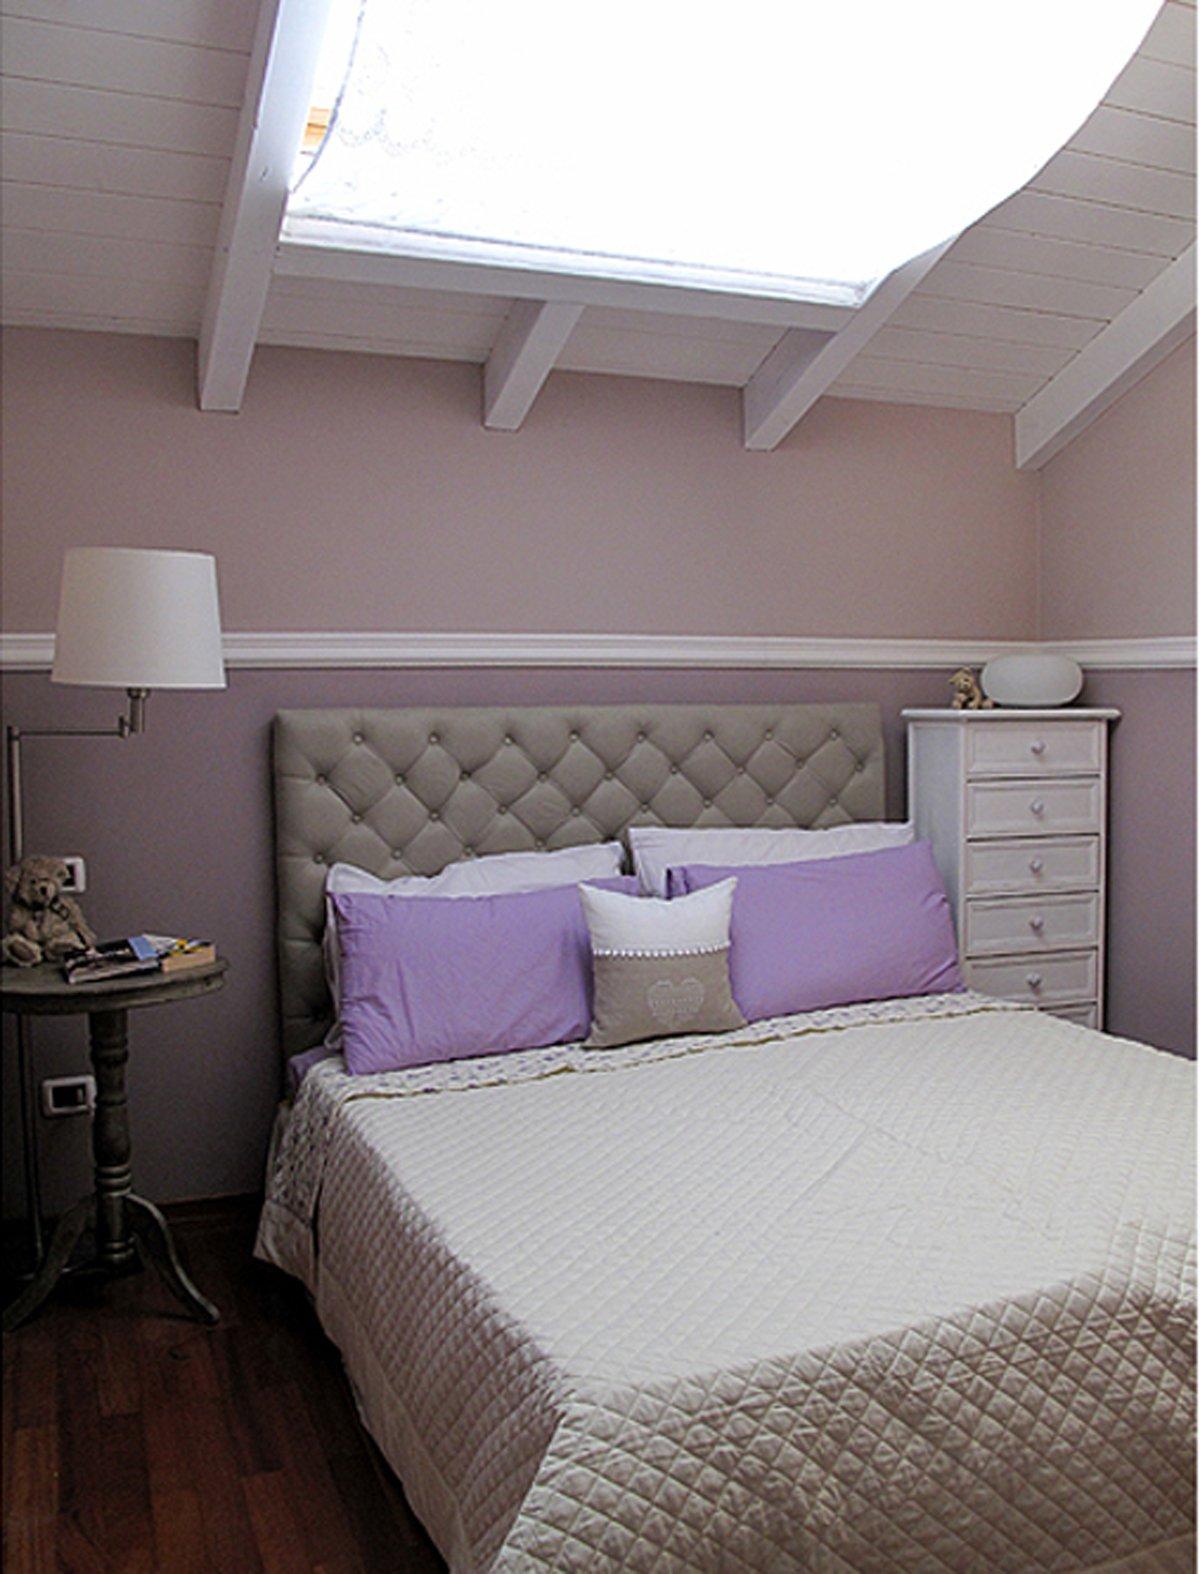 Camera da letto relooking con poca spesa cose di casa - Testata del letto imbottita ...